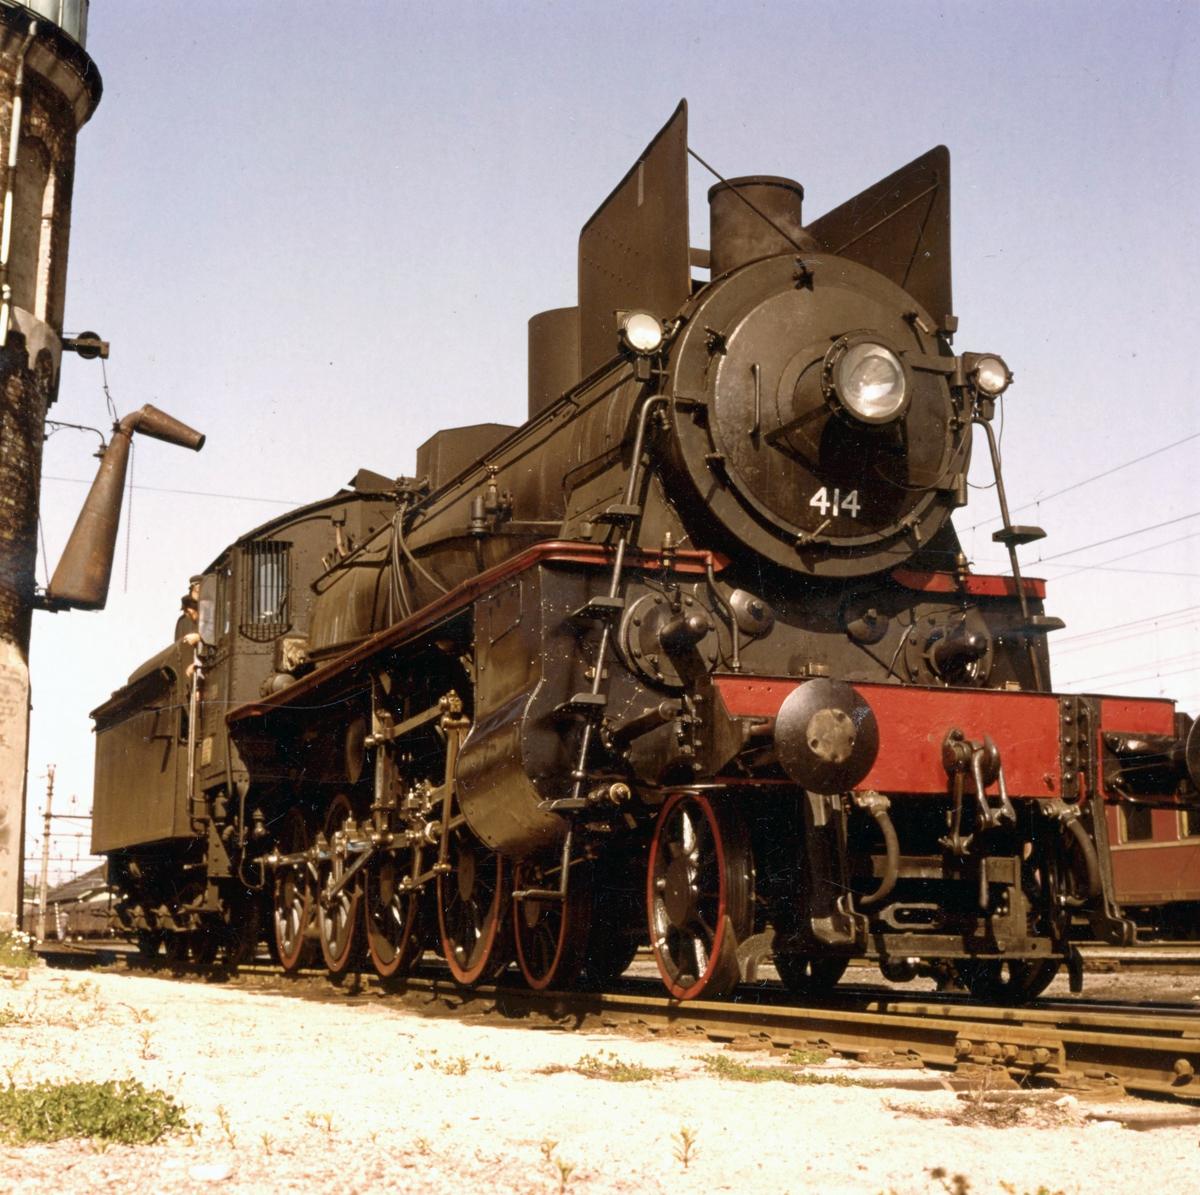 Damplokomotiv 26c nr. 414 ved vanntårnet på Kongsvinger stasjon.